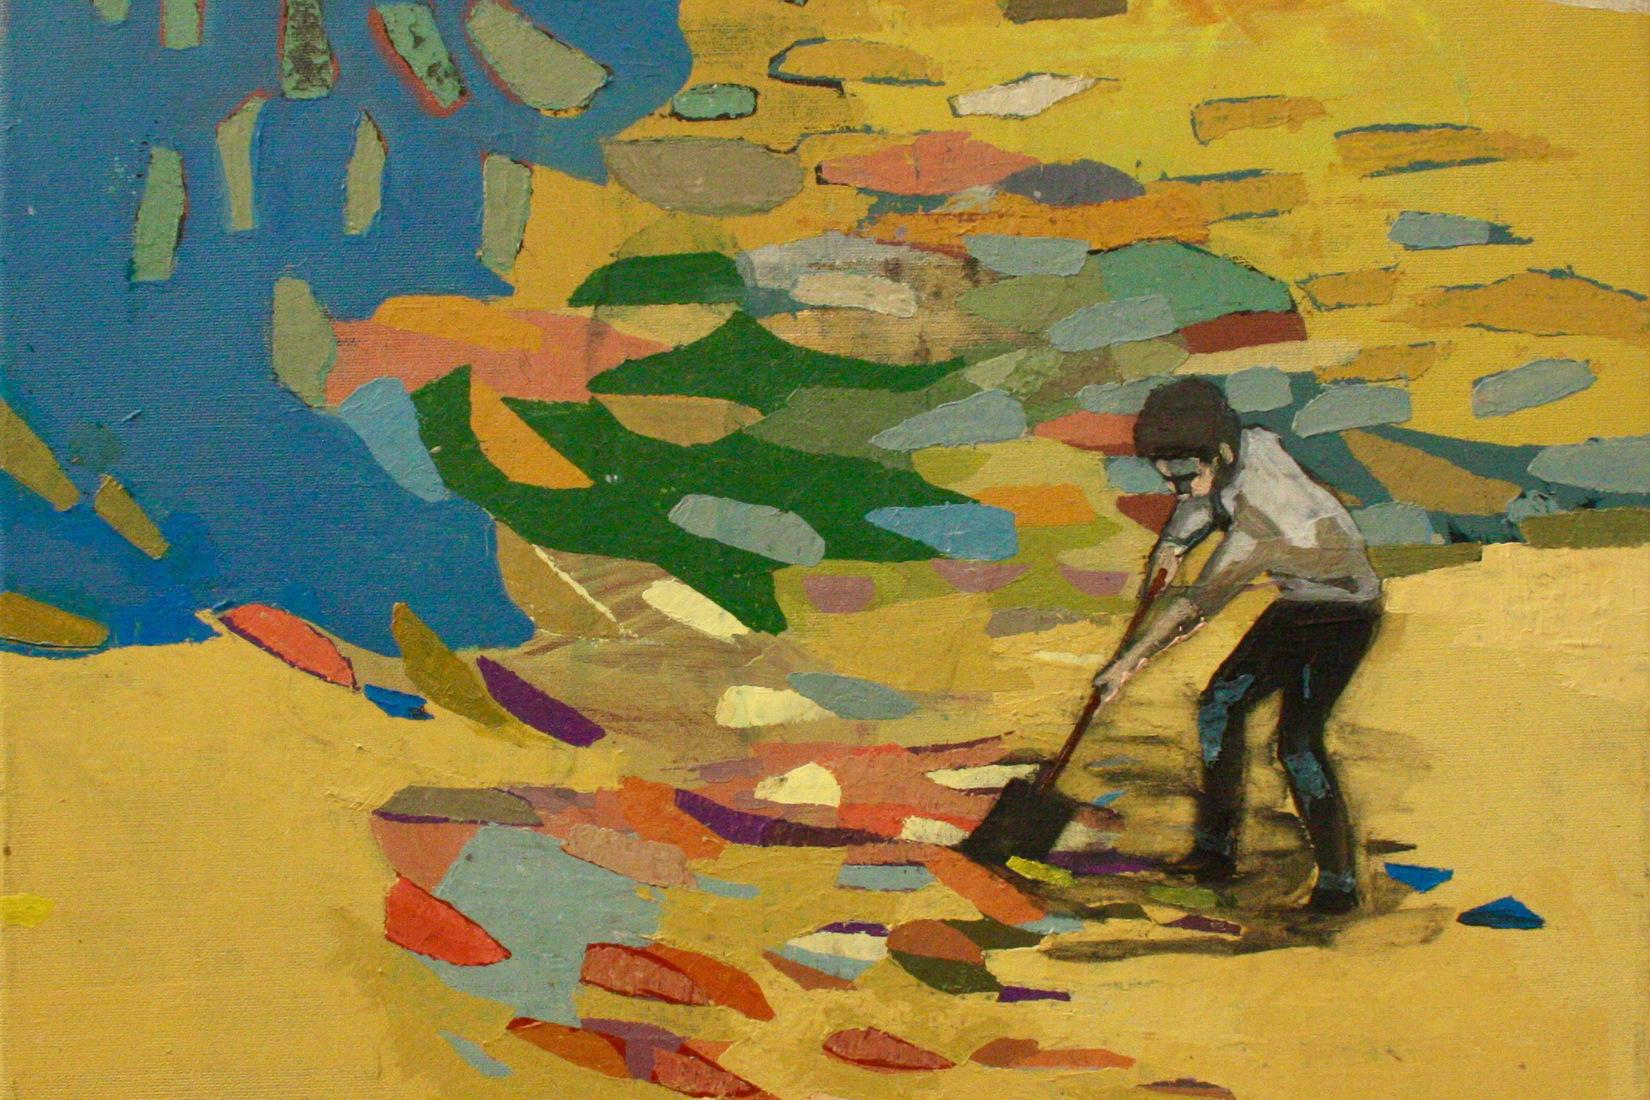 détial de la peinture d'Anna Lisa Unikuri : jaune majoritaire, un enfant semble balayé la toile